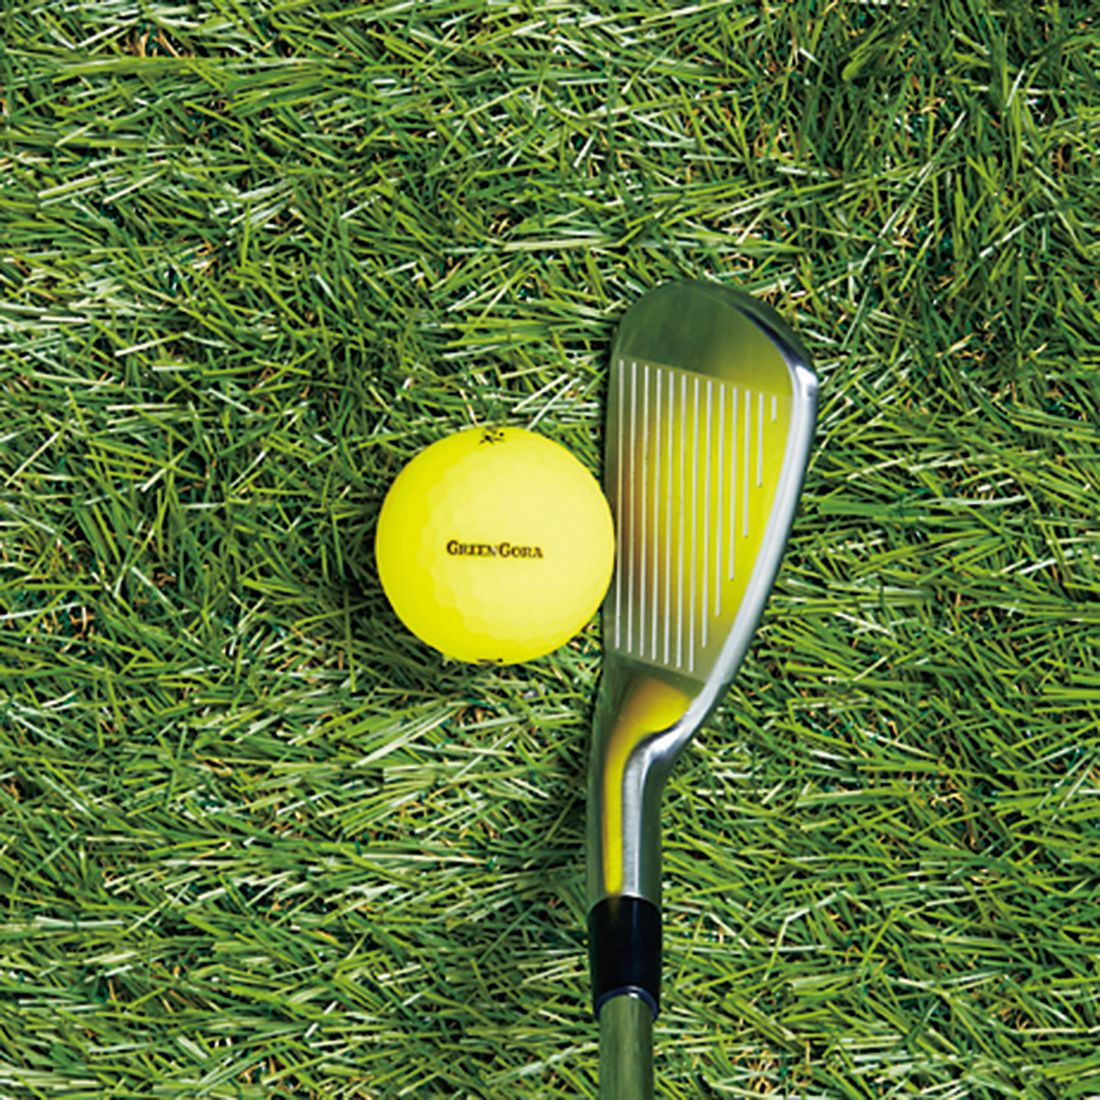 アイアンはボールの左側を見ると目線軸がキープできる。